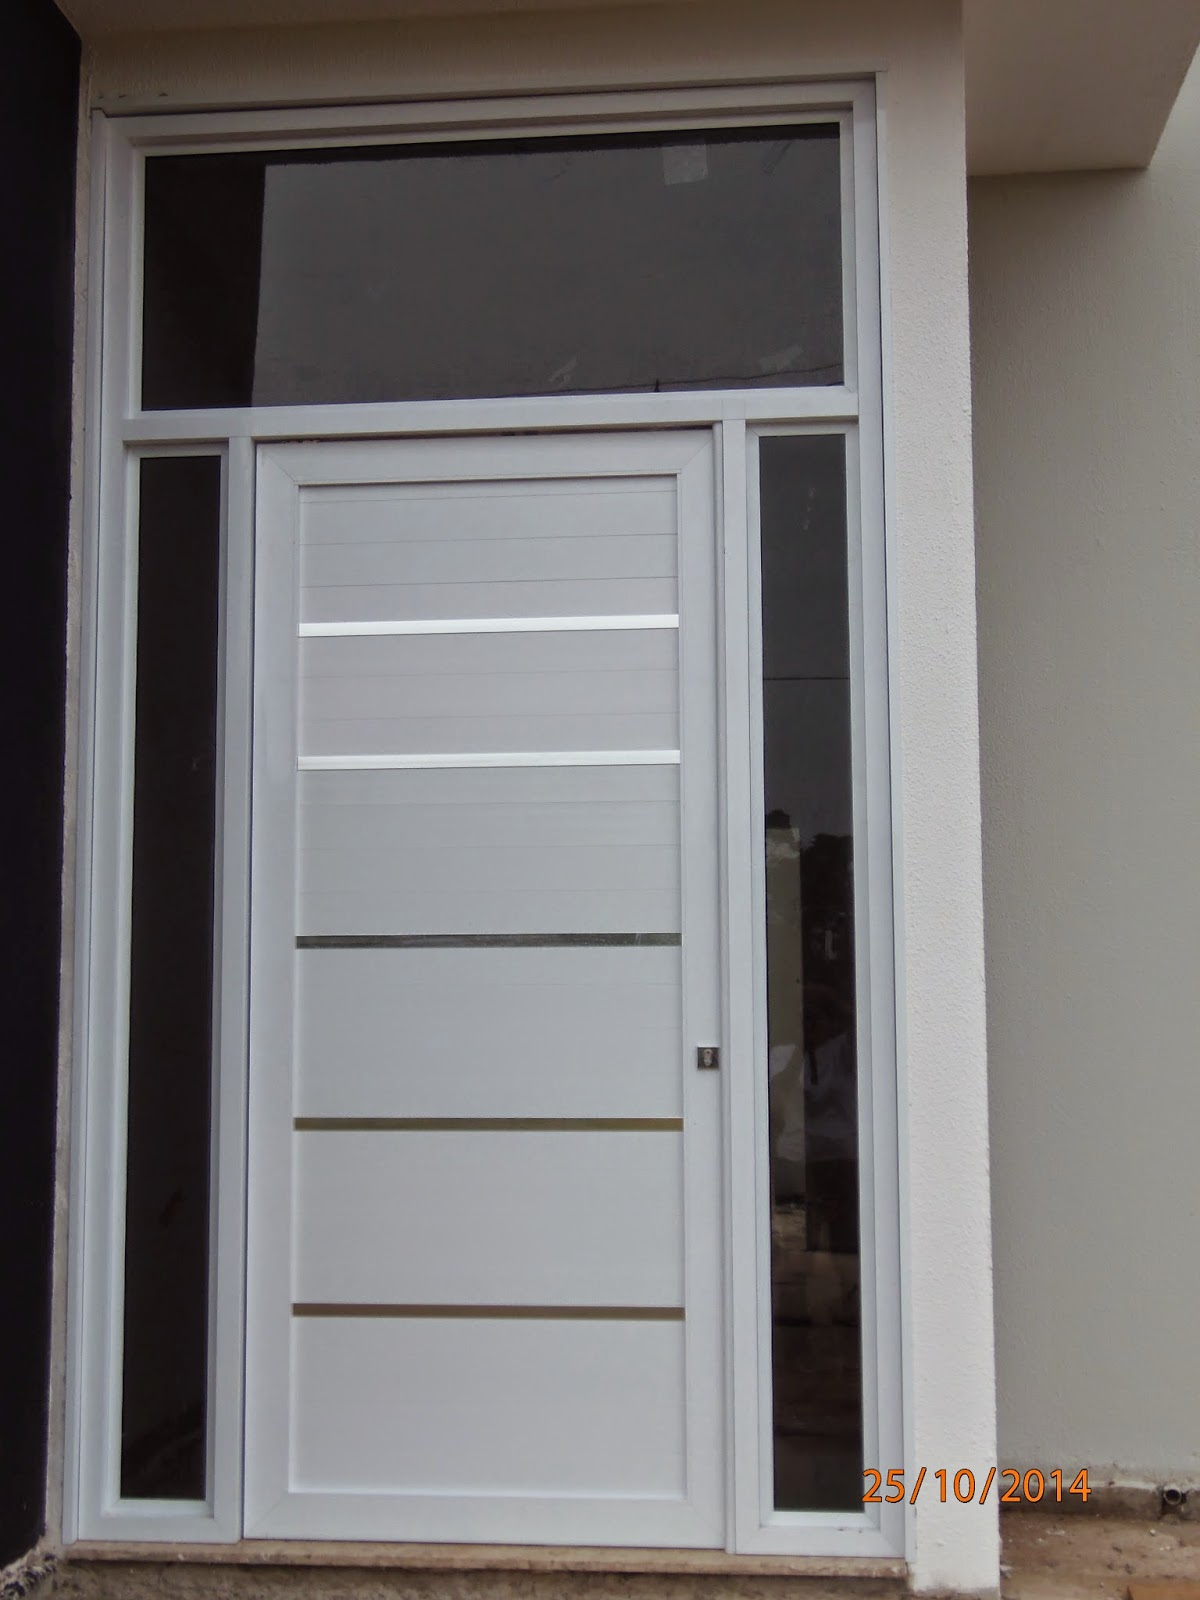 #A25A29 porta tem 2 50 m de altura e mais 1 00 de vidro na parte superior. 1184 Portas E Janelas De Madeira Em Montes Claros